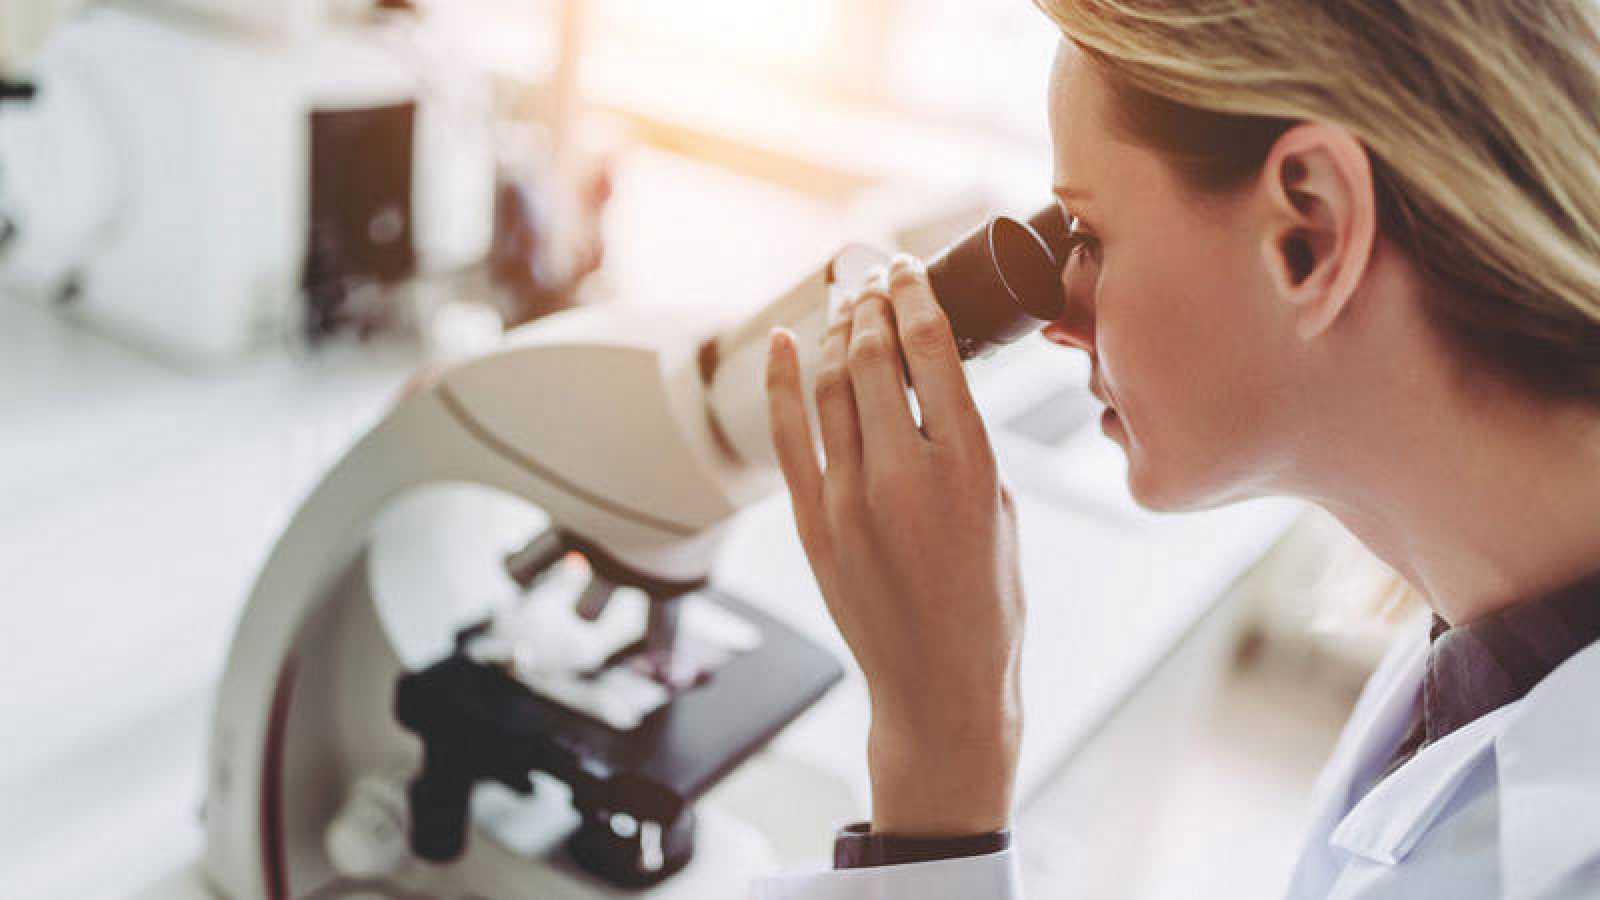 Las científicas persiguen mostrar a la sociedad la ciencia fundamental que se lleva a cabo.